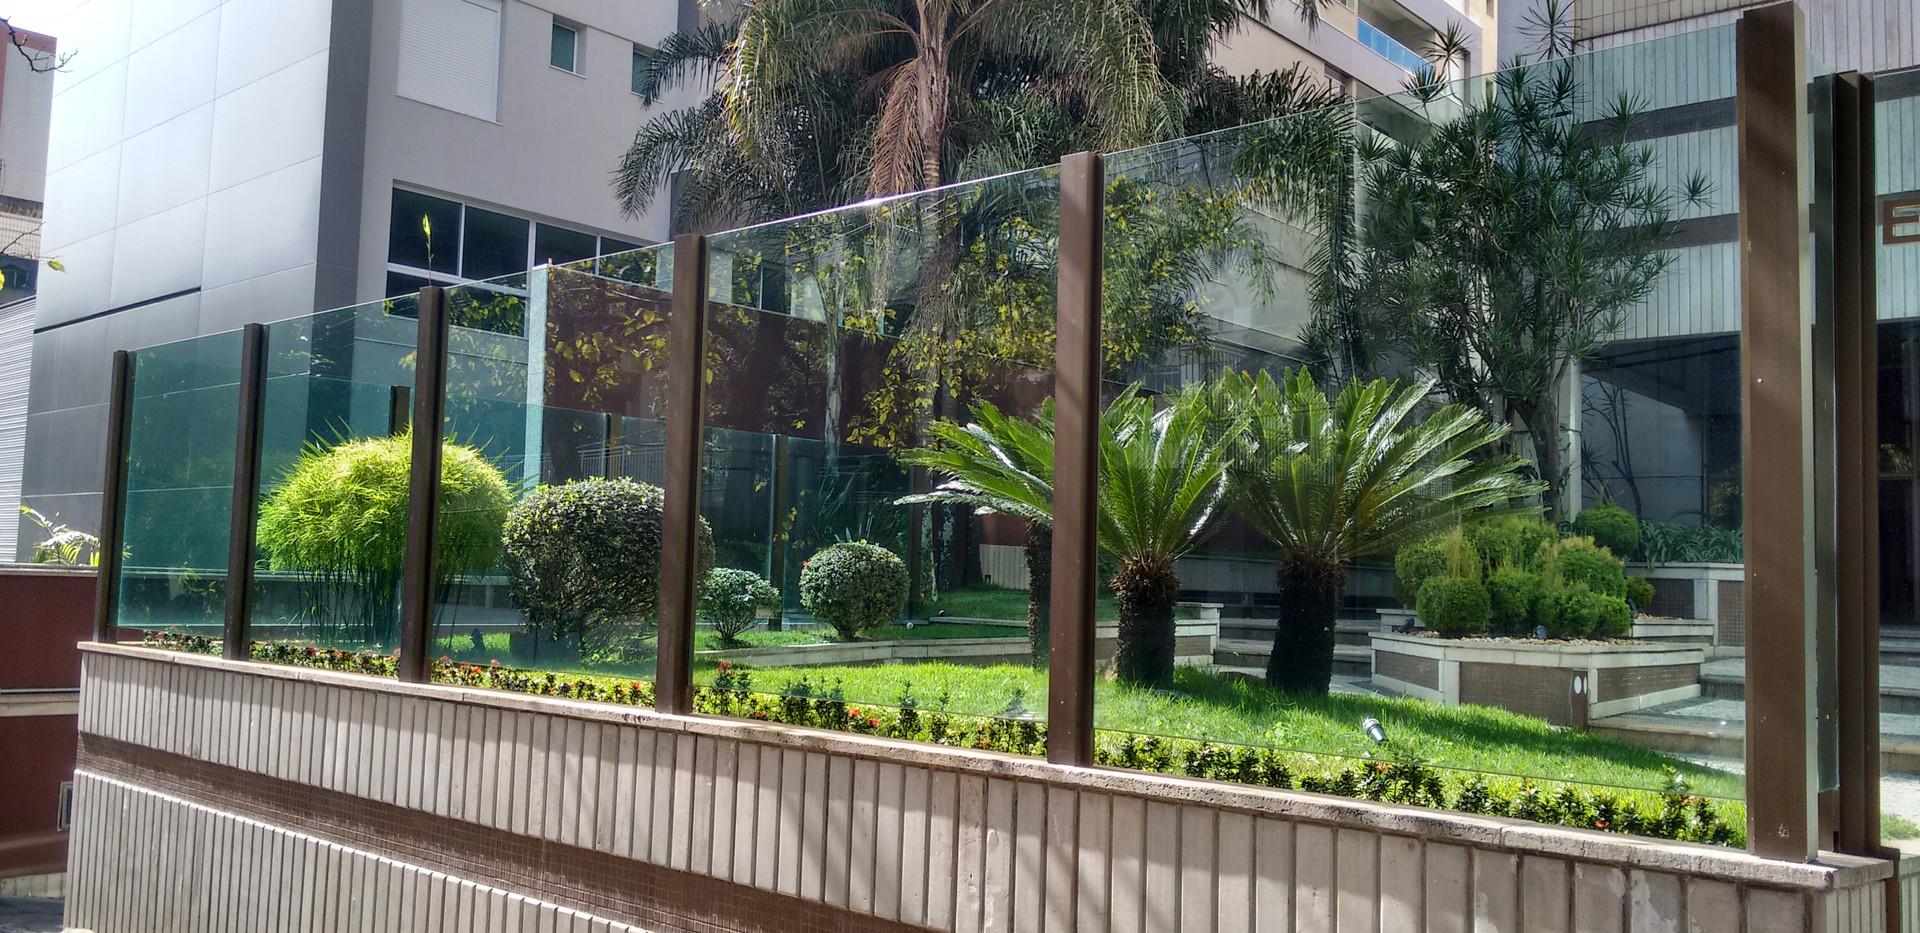 muro de vidro pra casa.jpg